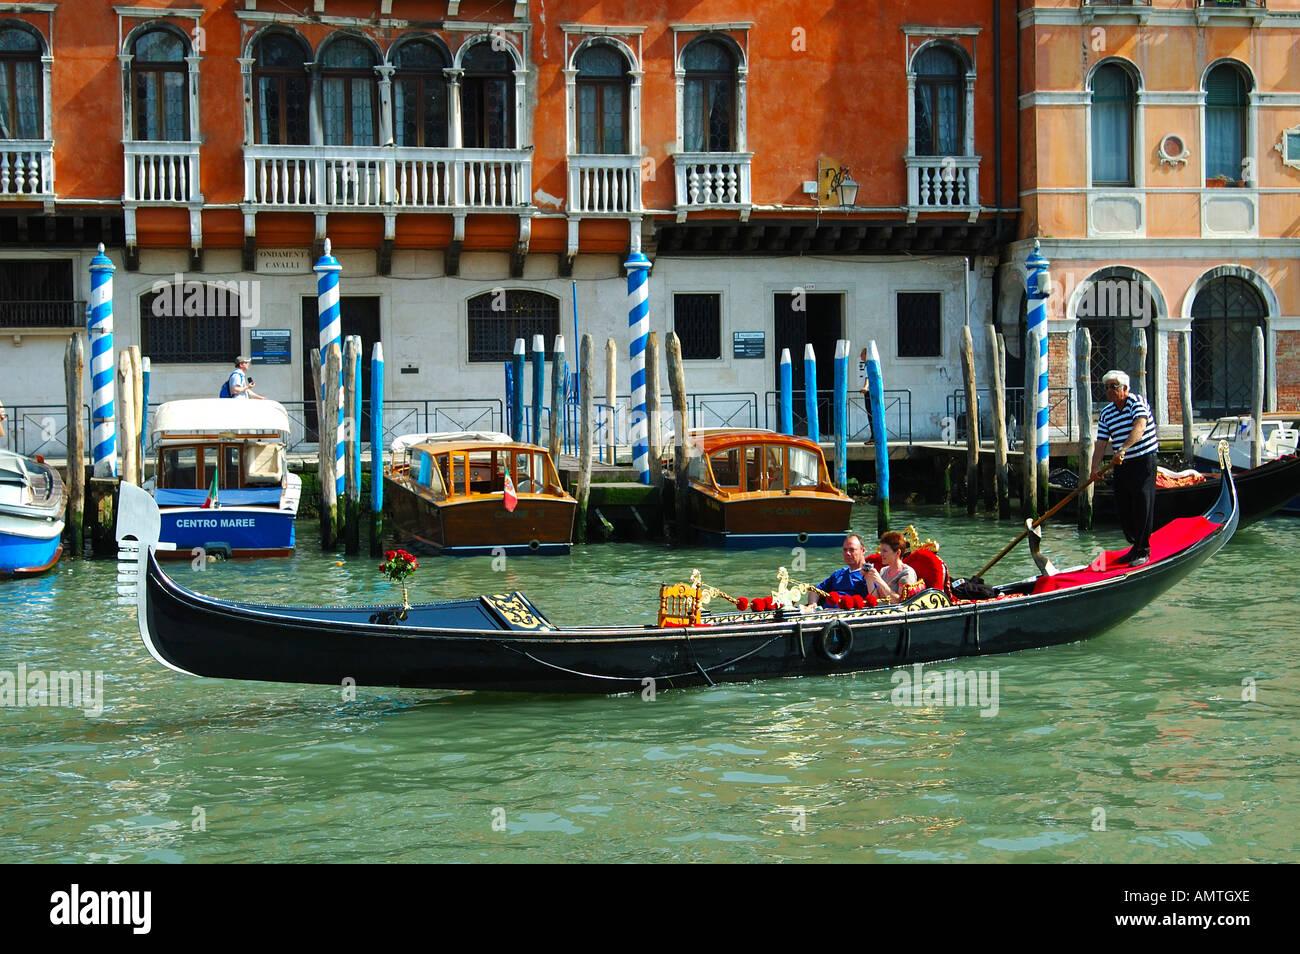 El viaje en góndola en Venecia, Italia Imagen De Stock